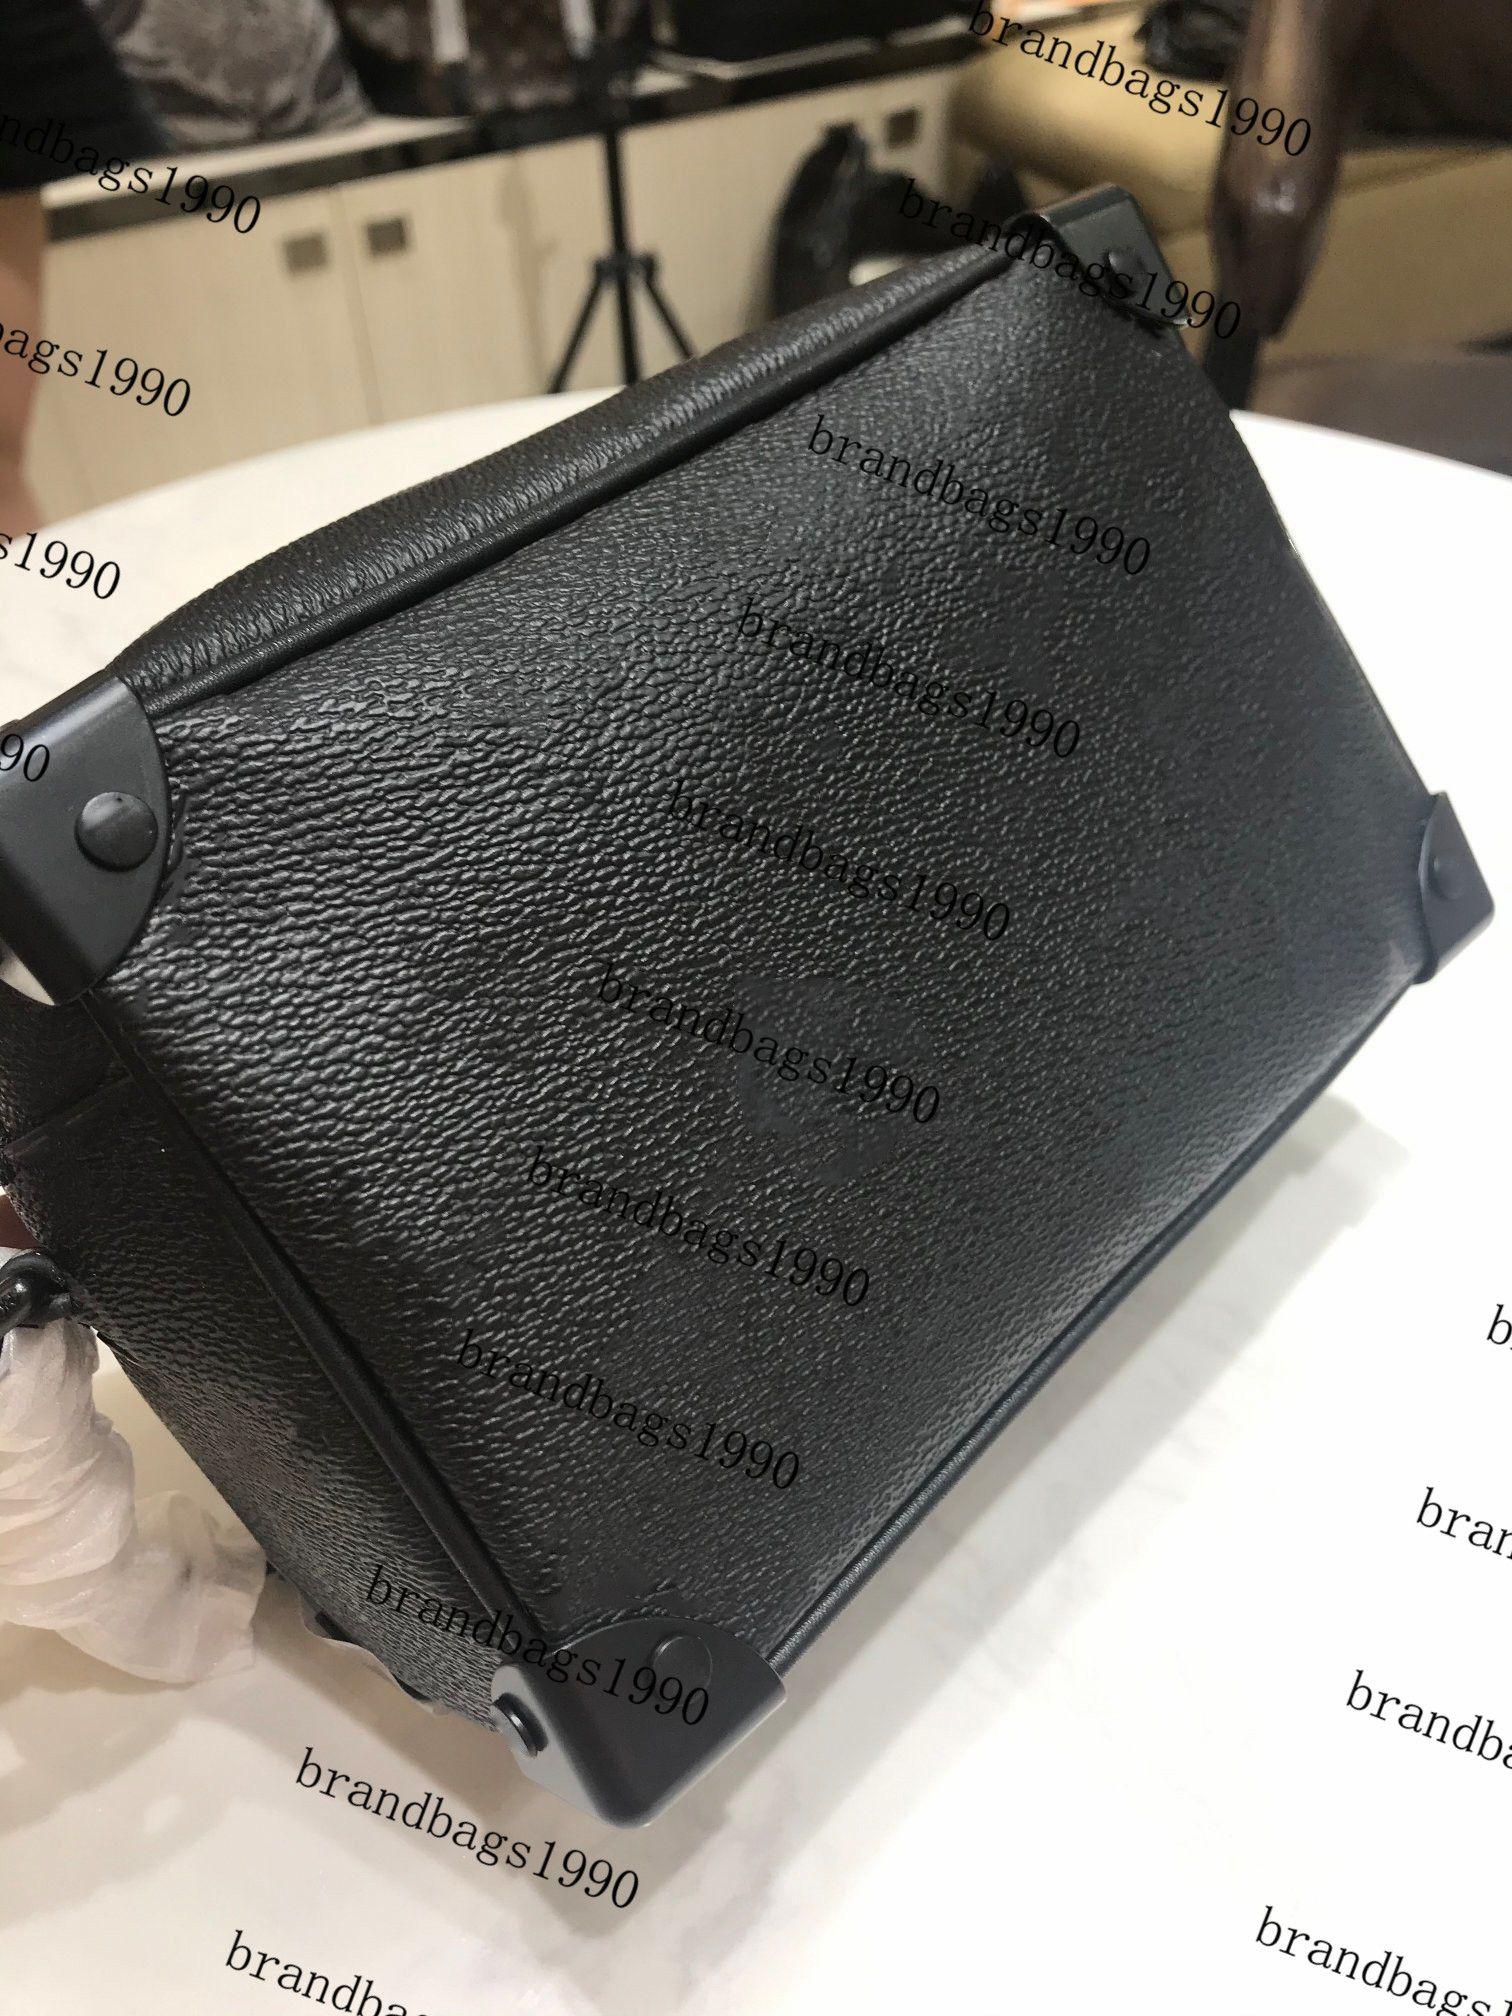 Shoulder Bag Fiore simmetrica Bag Box vera pelle morbida tela di canapa mini benna del sacchetto di modo delle donne Borse borsa del corpo della traversa